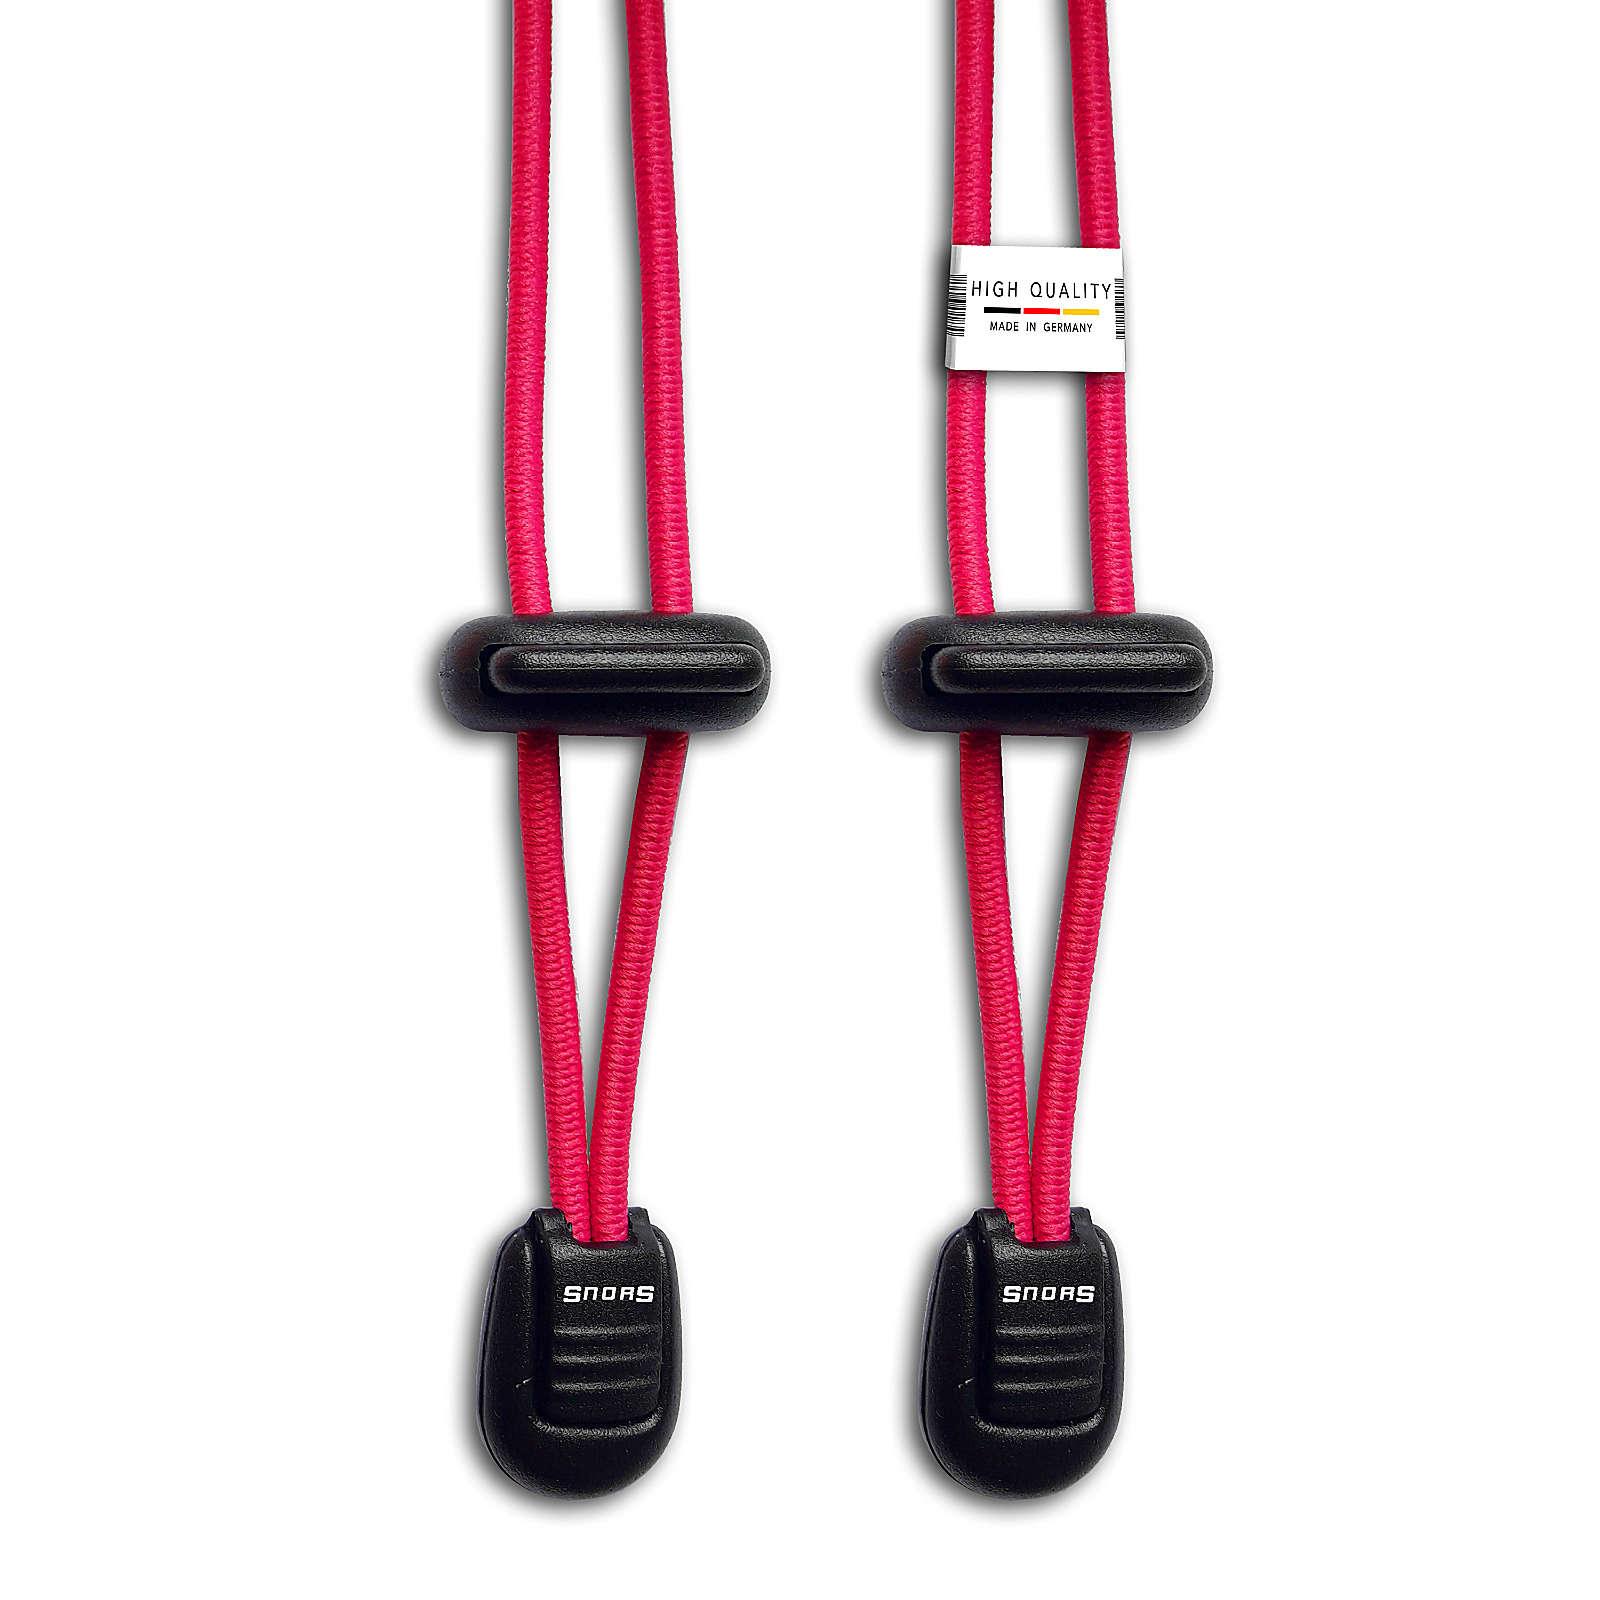 SNORS shoefriends Schnürsystem 120cm - elastische Schnürsenkel mit Schnellverschluss Schnürsenkel pink Gr. 120